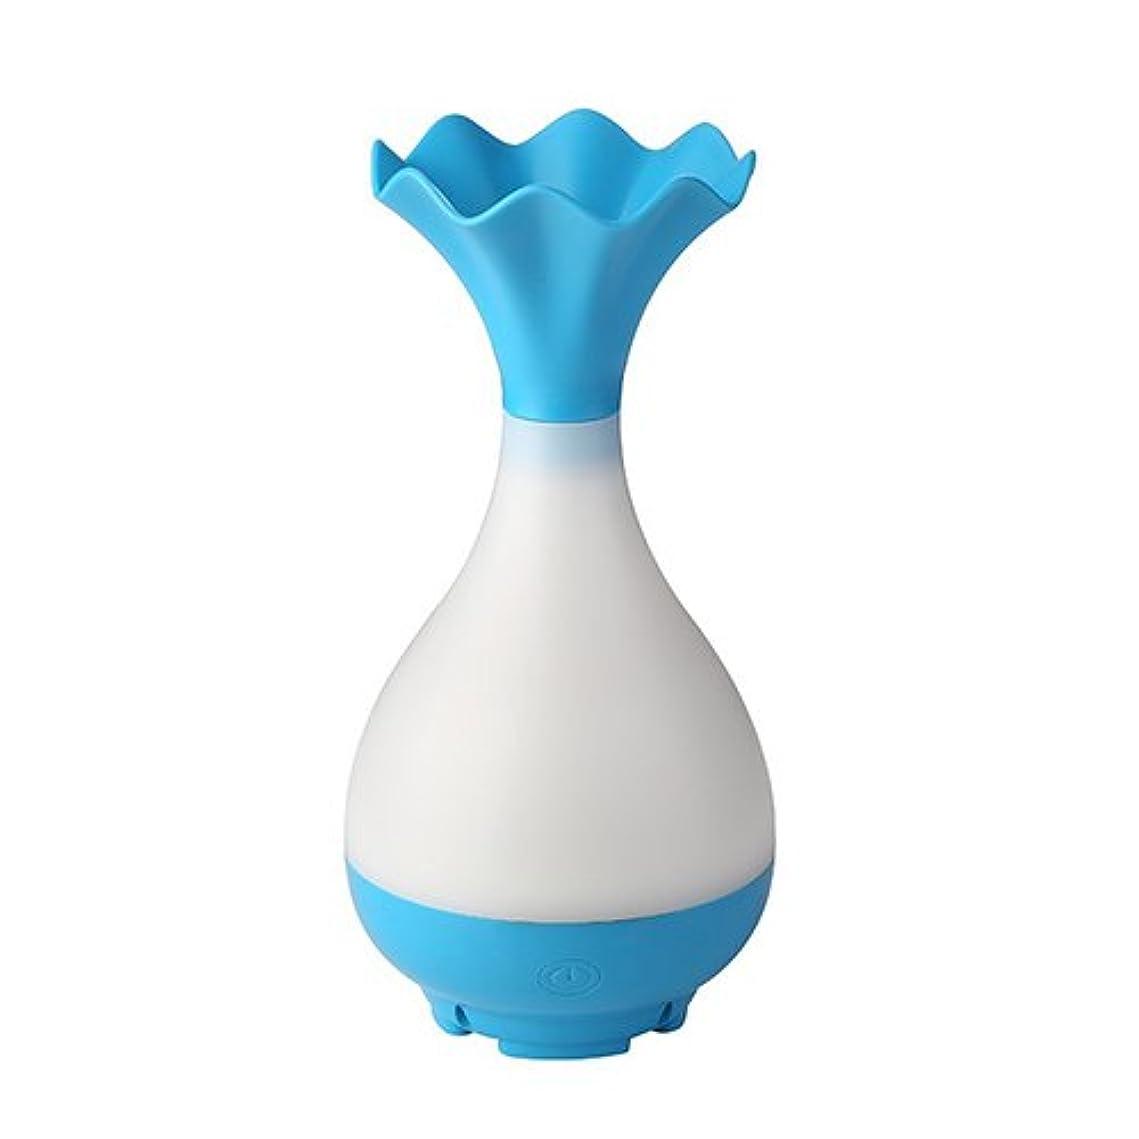 手伝うセグメント丁寧Mystic Moments | Blue Vase Bottle USB Aromatherapy Oil Humidifier Diffuser with LED Lighting